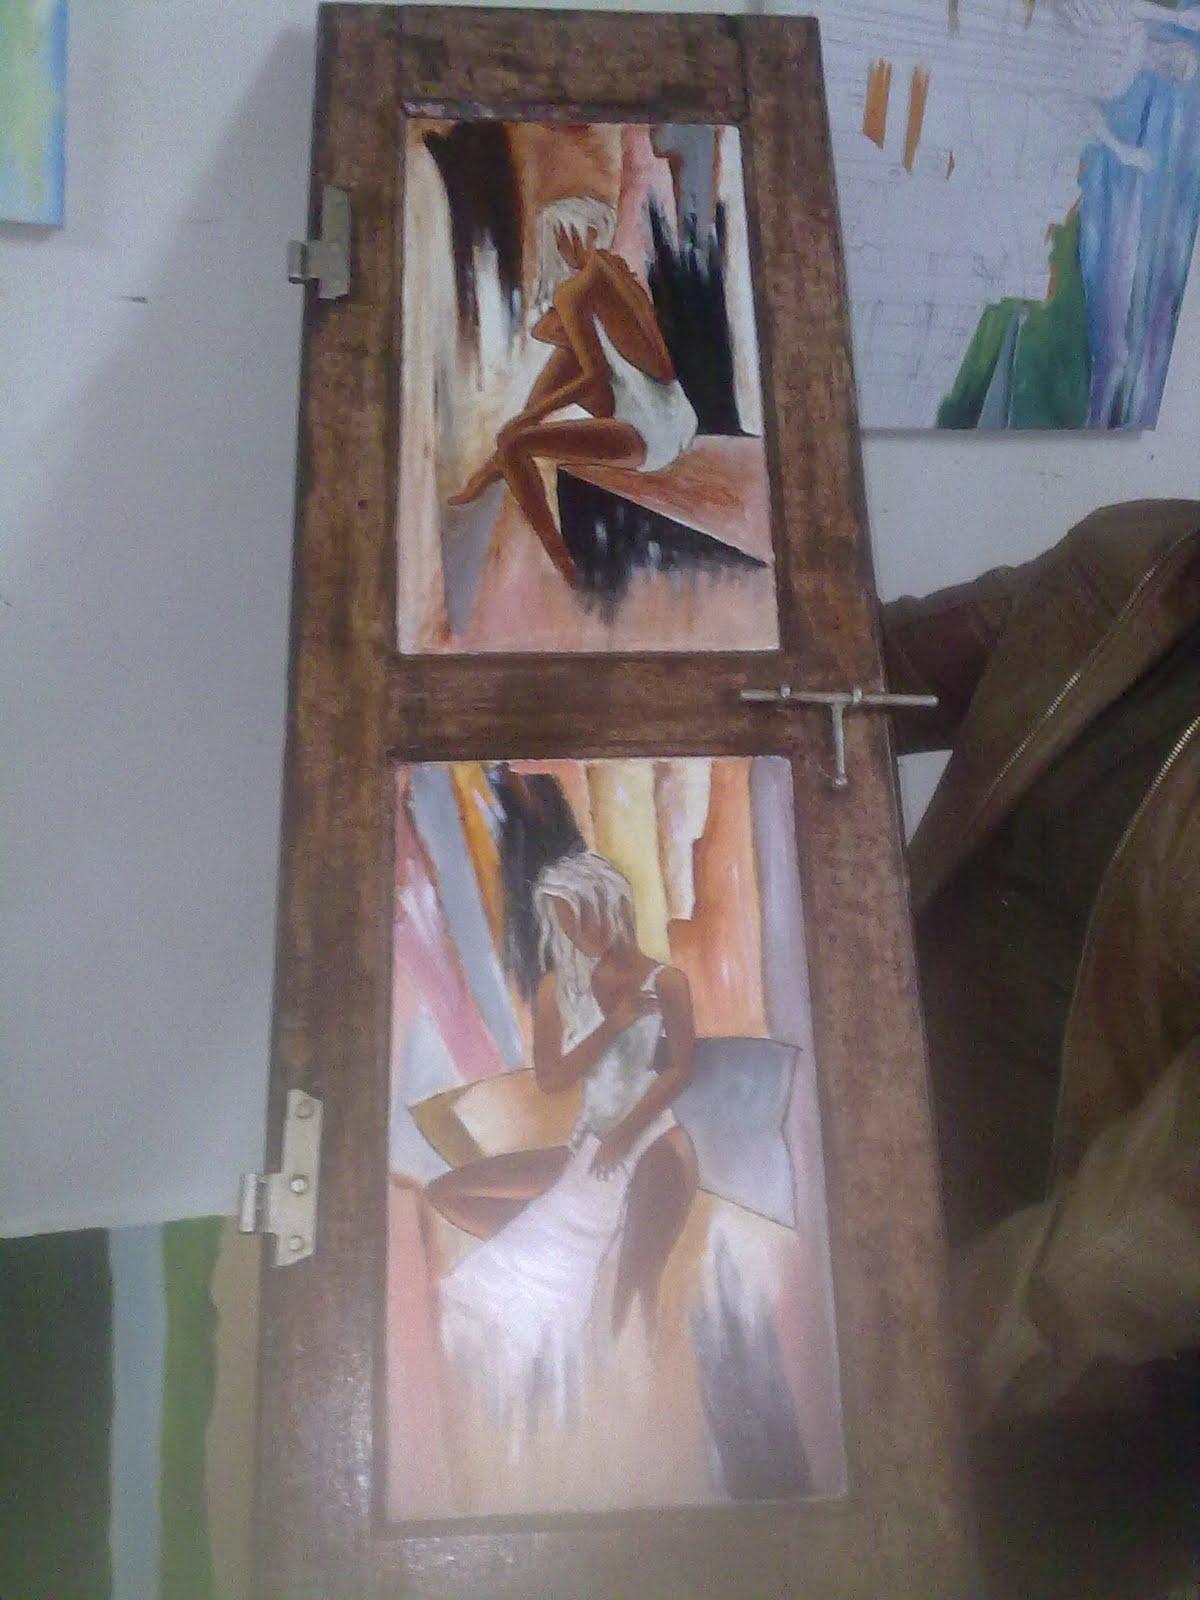 Blog de arte y decoraci n de miriam cuarter n chica - Arte y decoracion ...